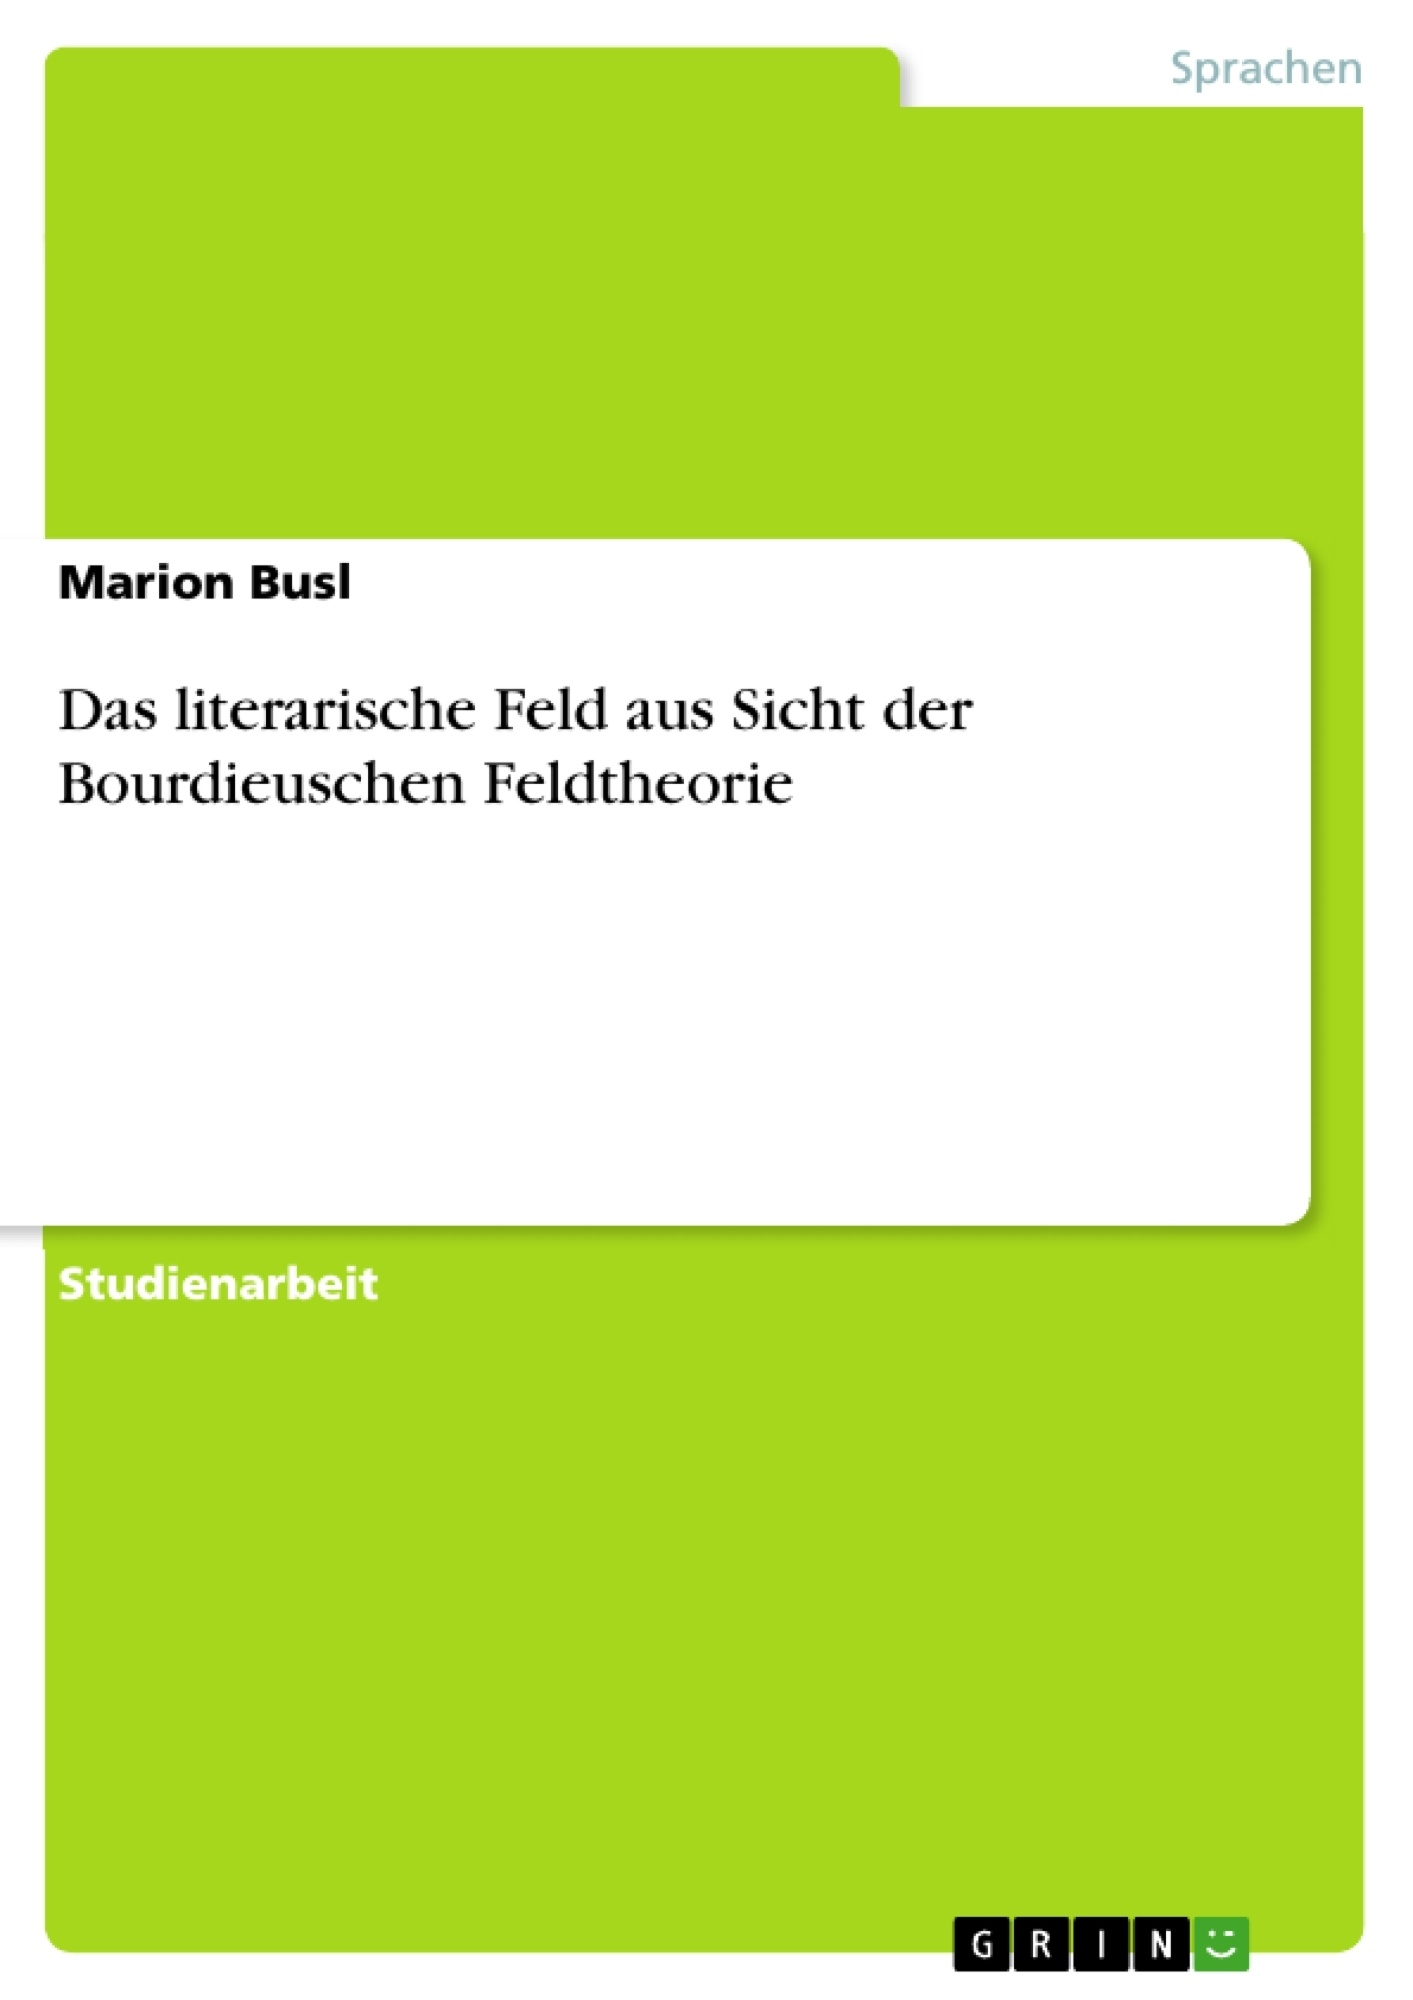 Titel: Das literarische Feld aus Sicht der Bourdieuschen Feldtheorie